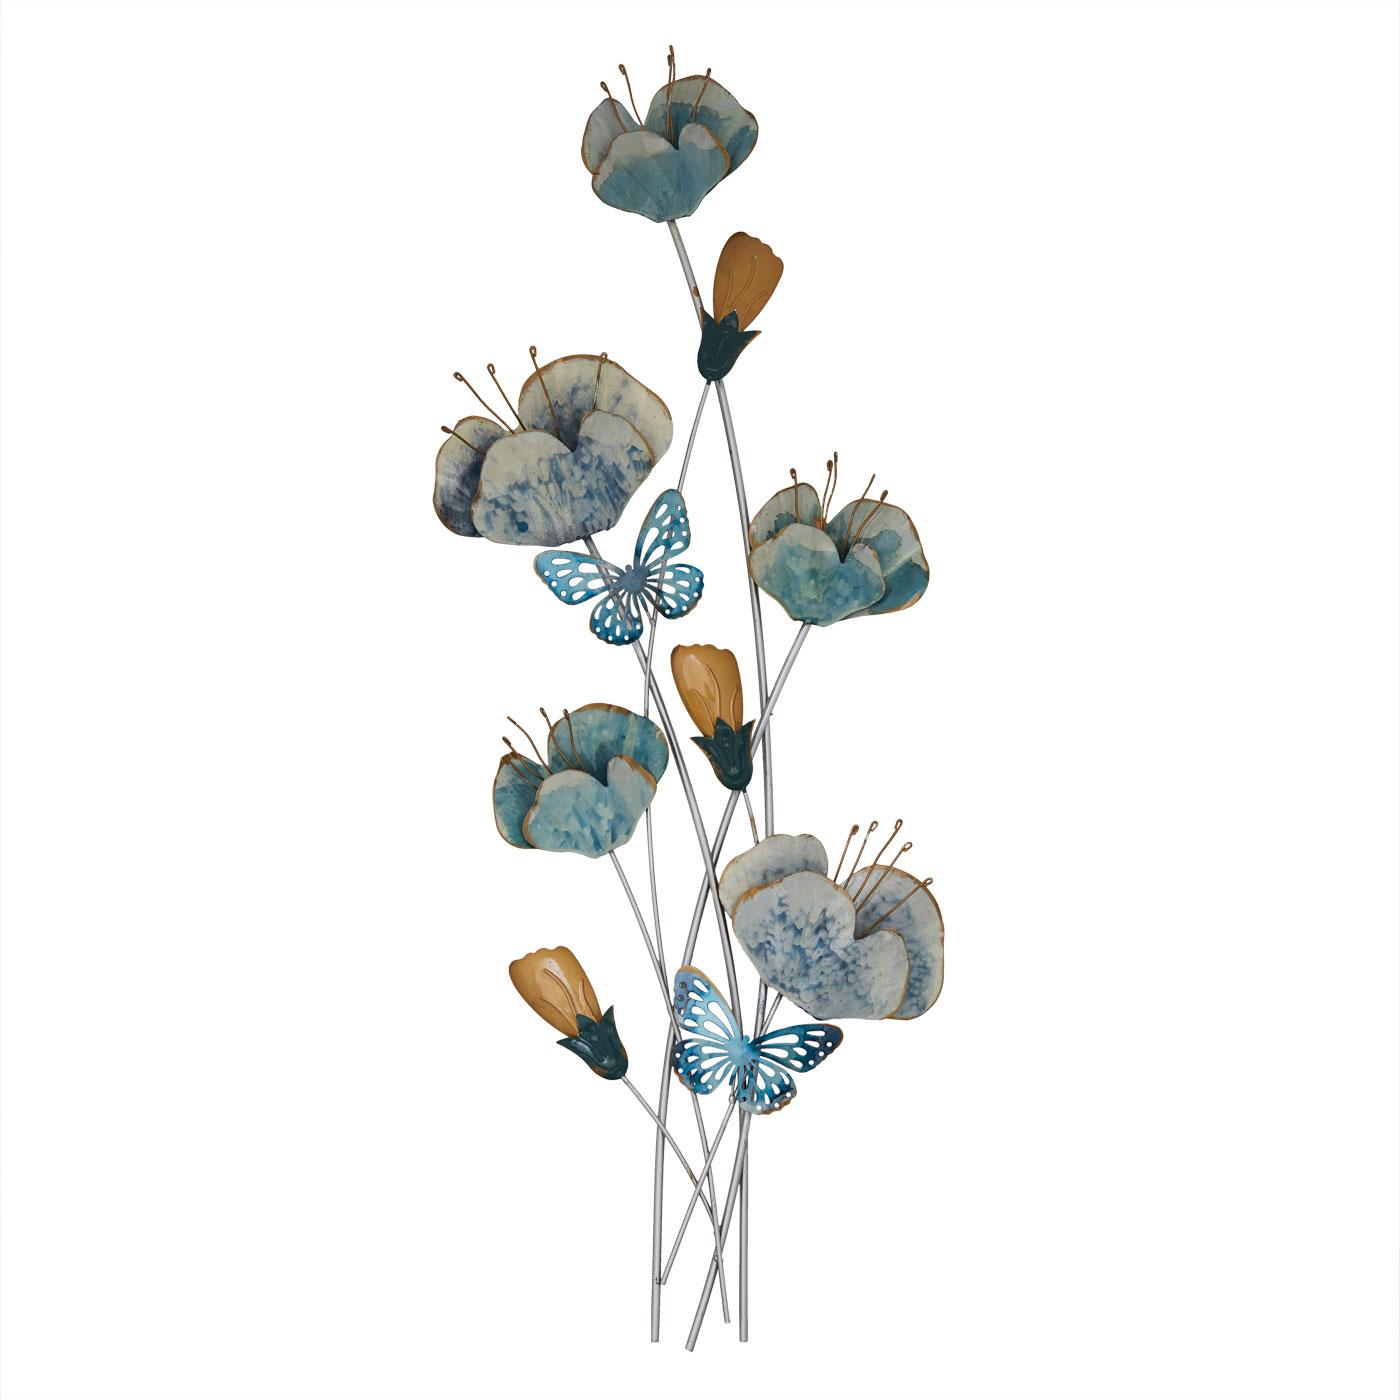 Купить Картины, постеры, гобелены, панно Home Philosophy, Настенный декор Dorrys Цвет: Голубой (32х90 см), Китай, Металл